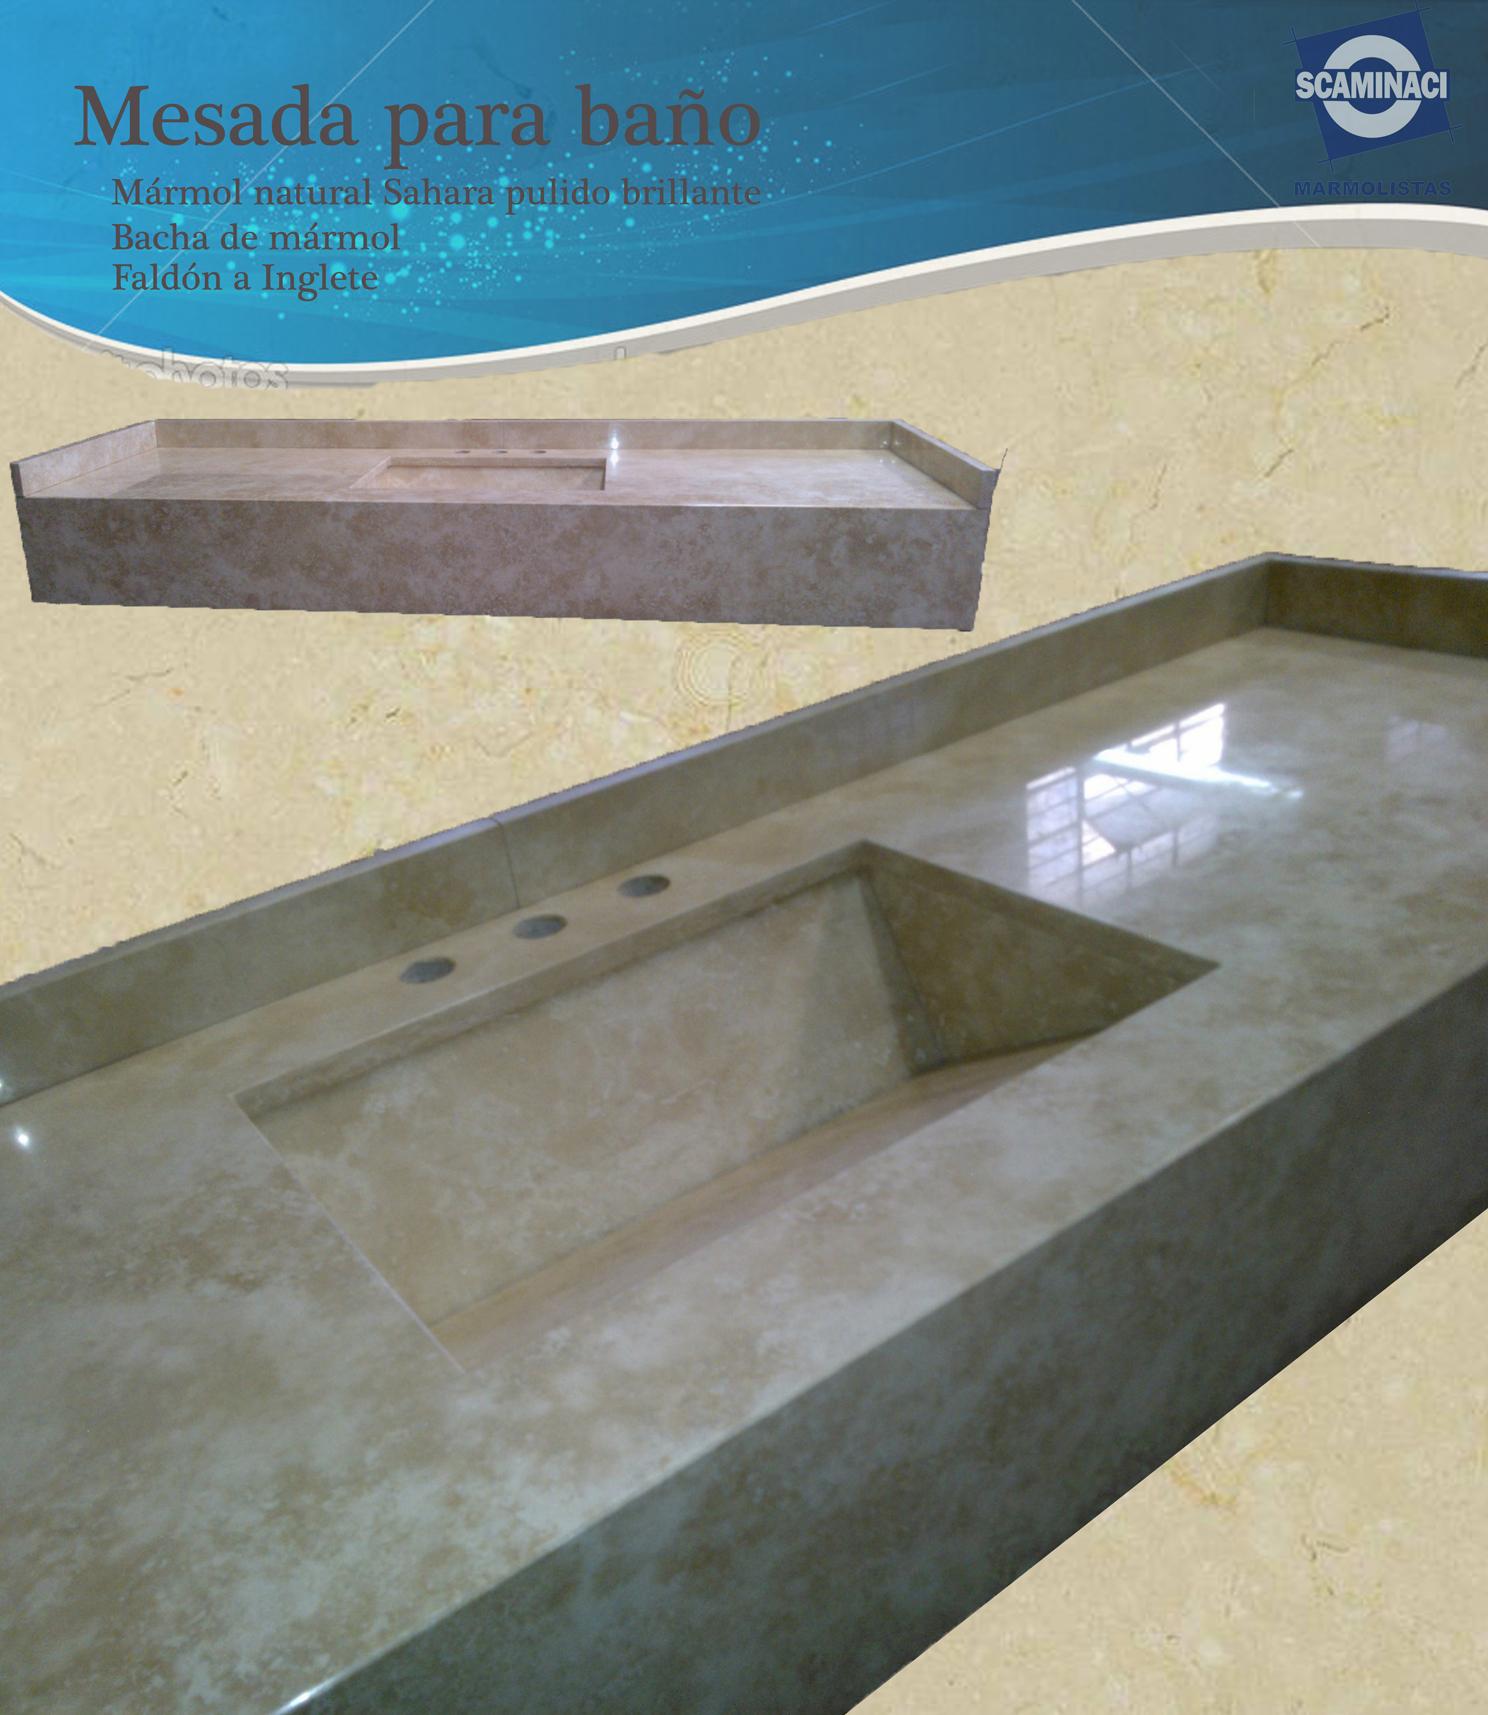 Bachas Para Baño Santa Fe:Publicado el 1 de septiembre de 2015 Mesada de baño mármol de Sahara